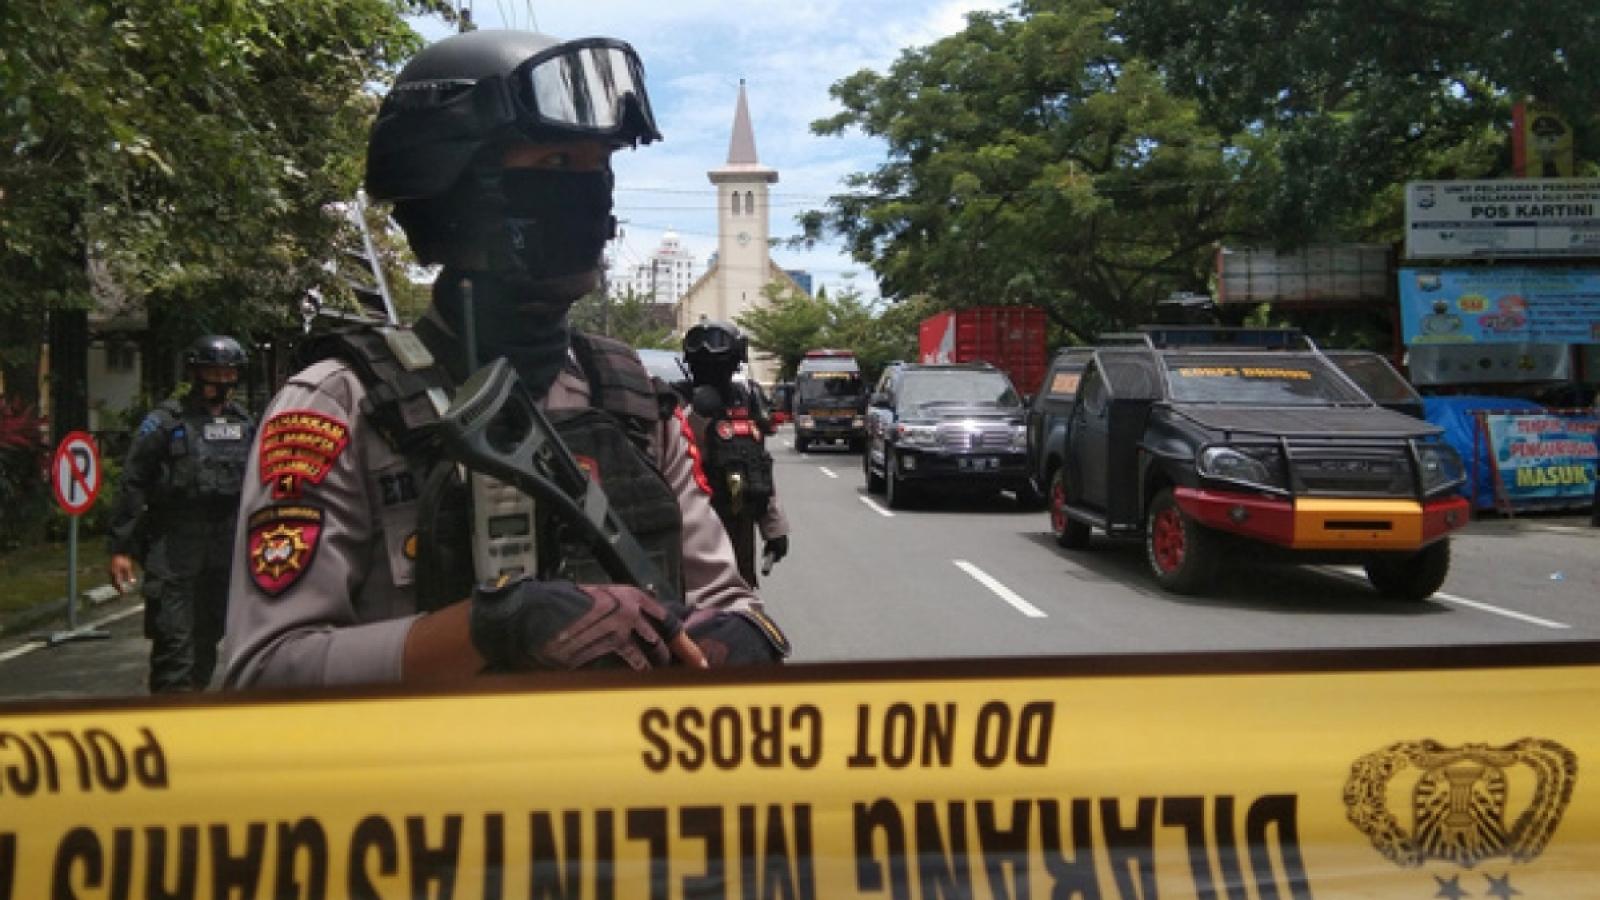 Thông tin điều tra của cảnh sát về vụ đánh bom nhà thờ ở Makassar